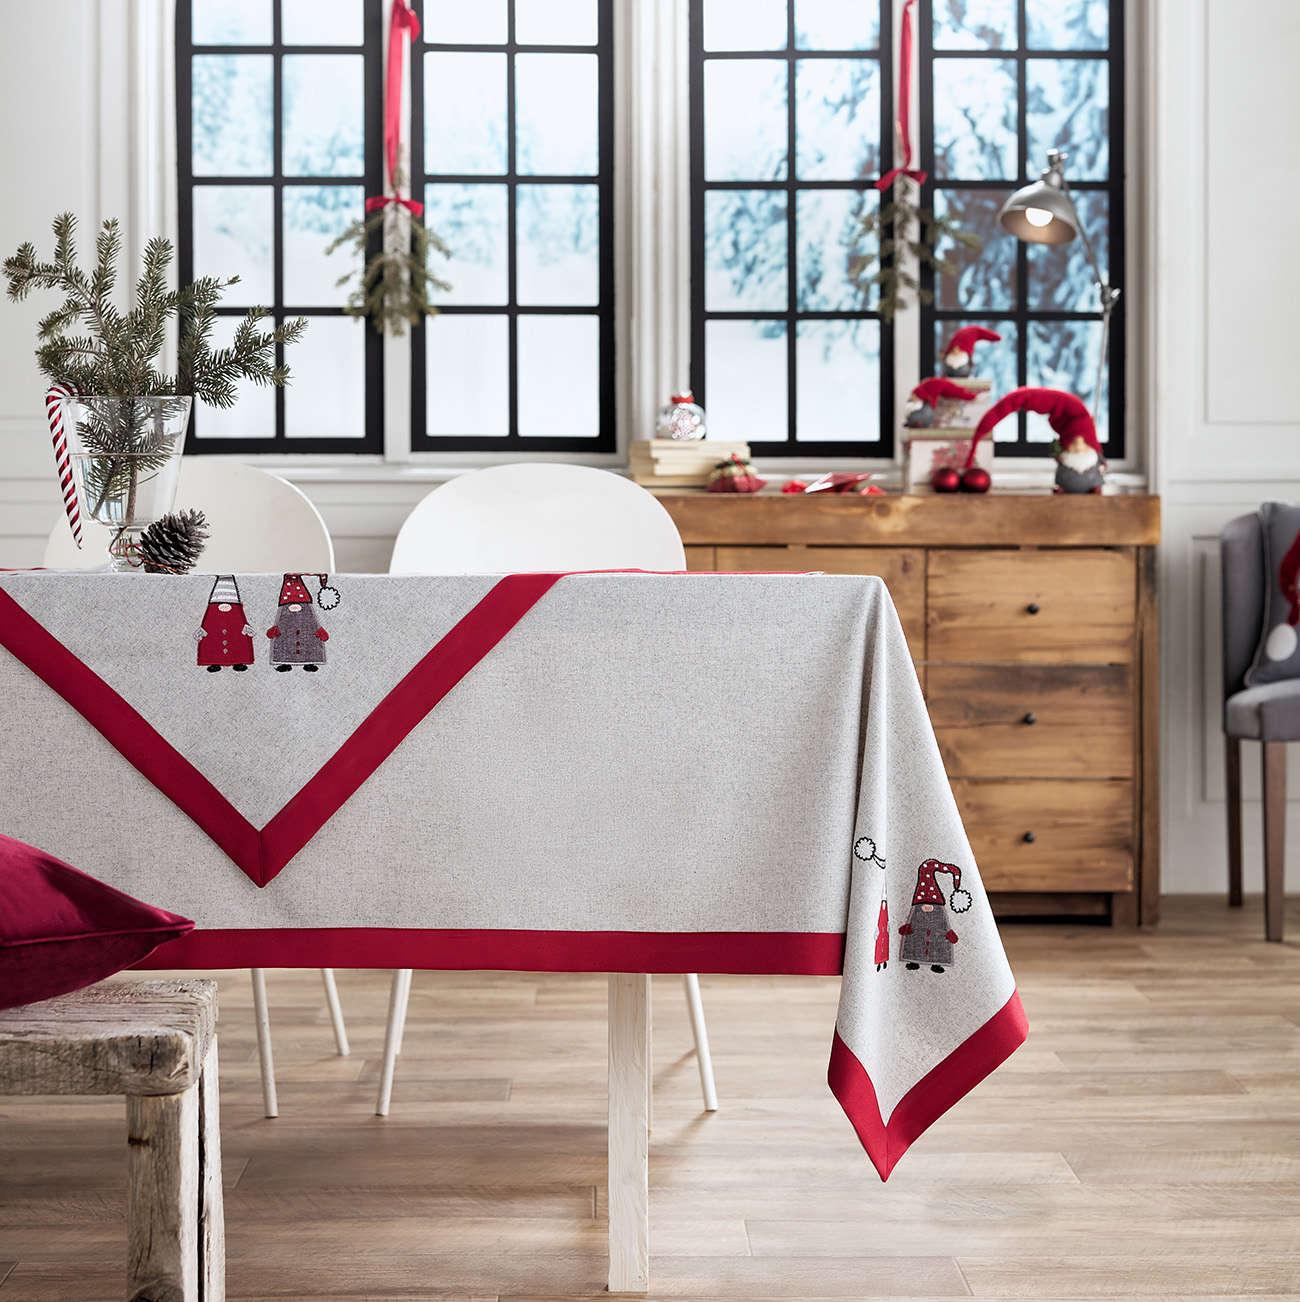 Τραπεζομάντηλο Χριστουγεννιάτικο 833 Γκρι & Κόκκινο Gofis Home 120X120 135x135cm